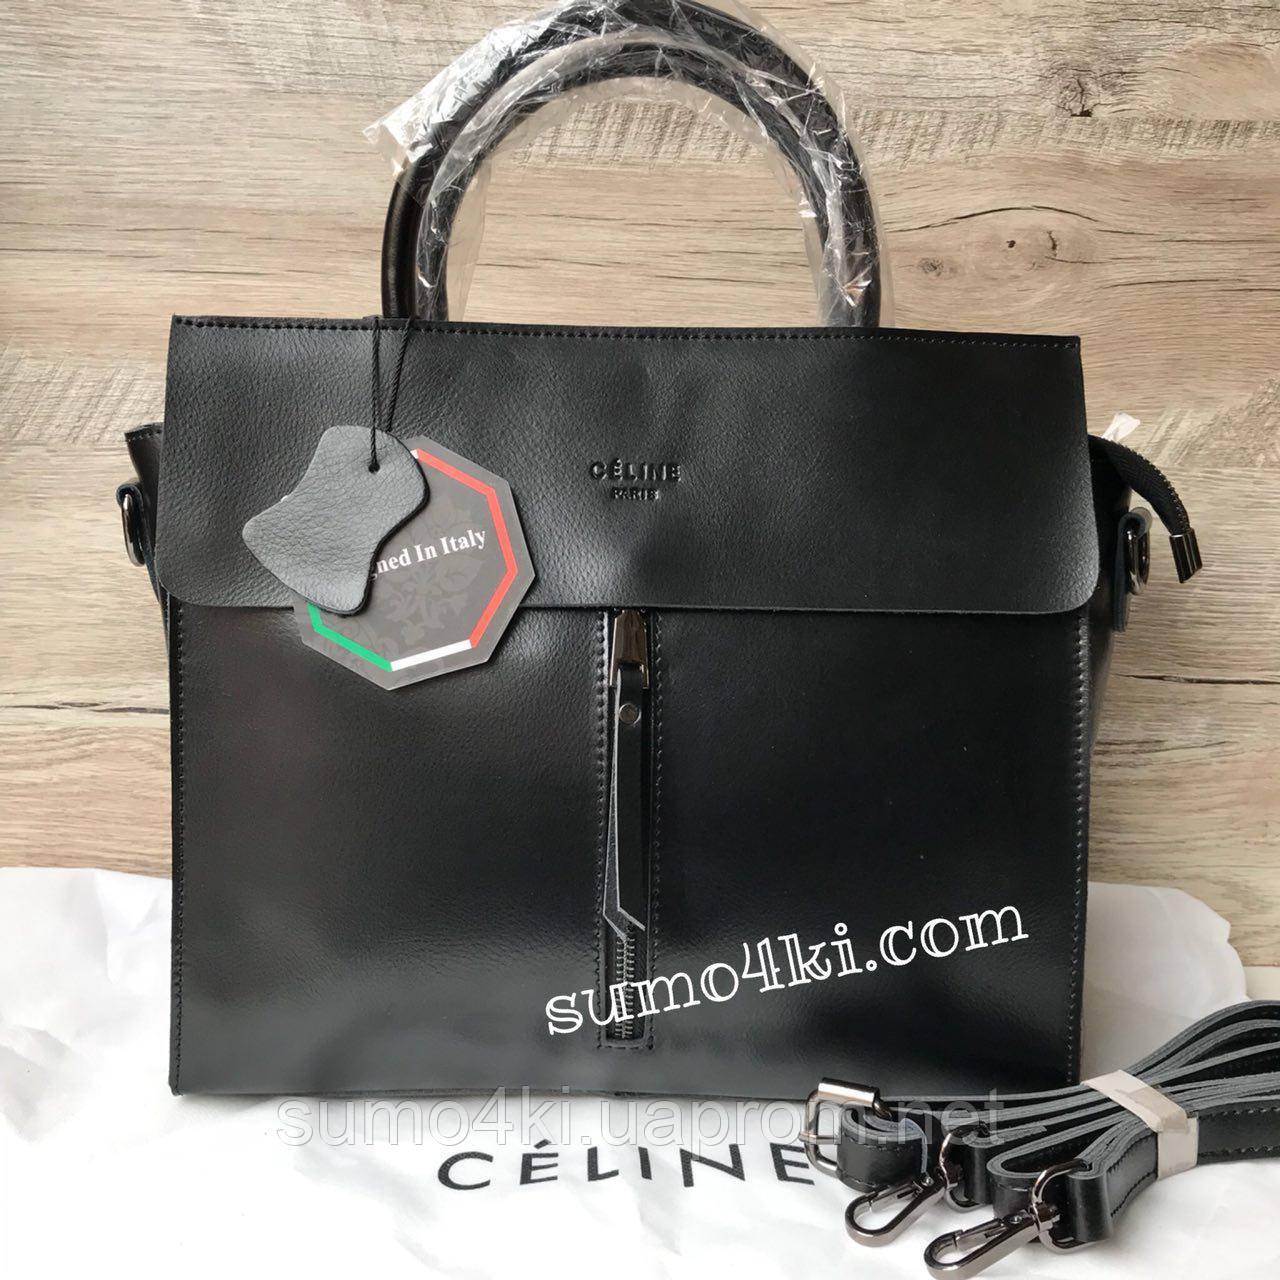 ddedecde1305 Женская кожаная сумка Celine Селин Черная - Интернет-магазин «Галерея Сумок»  в Одессе